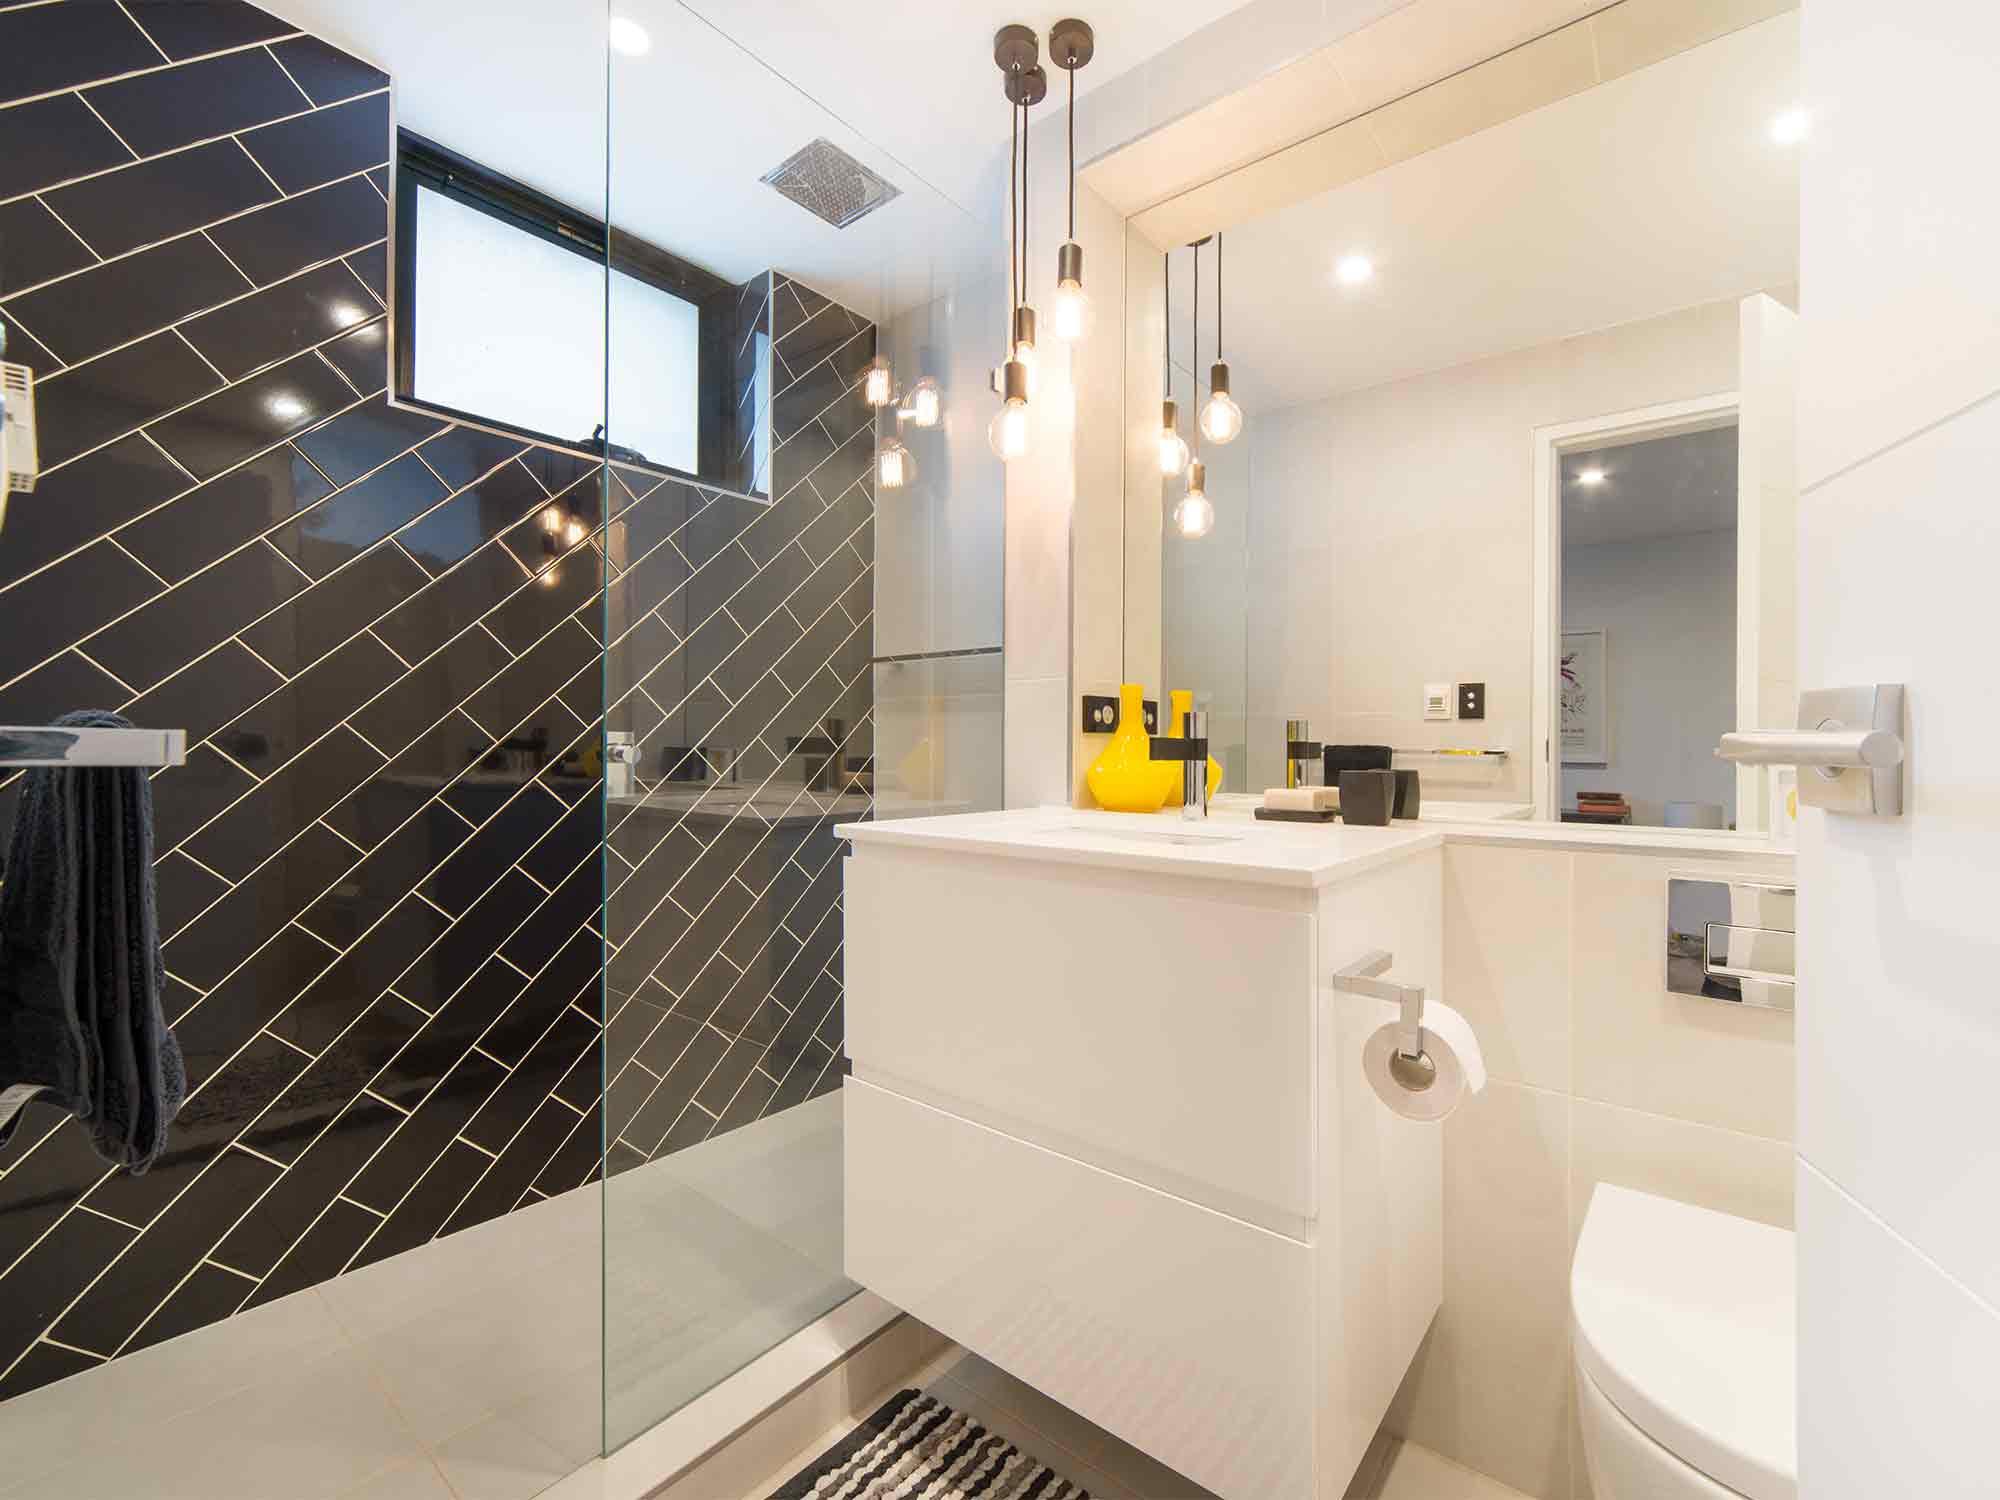 bathroom floor tiles keep cracking